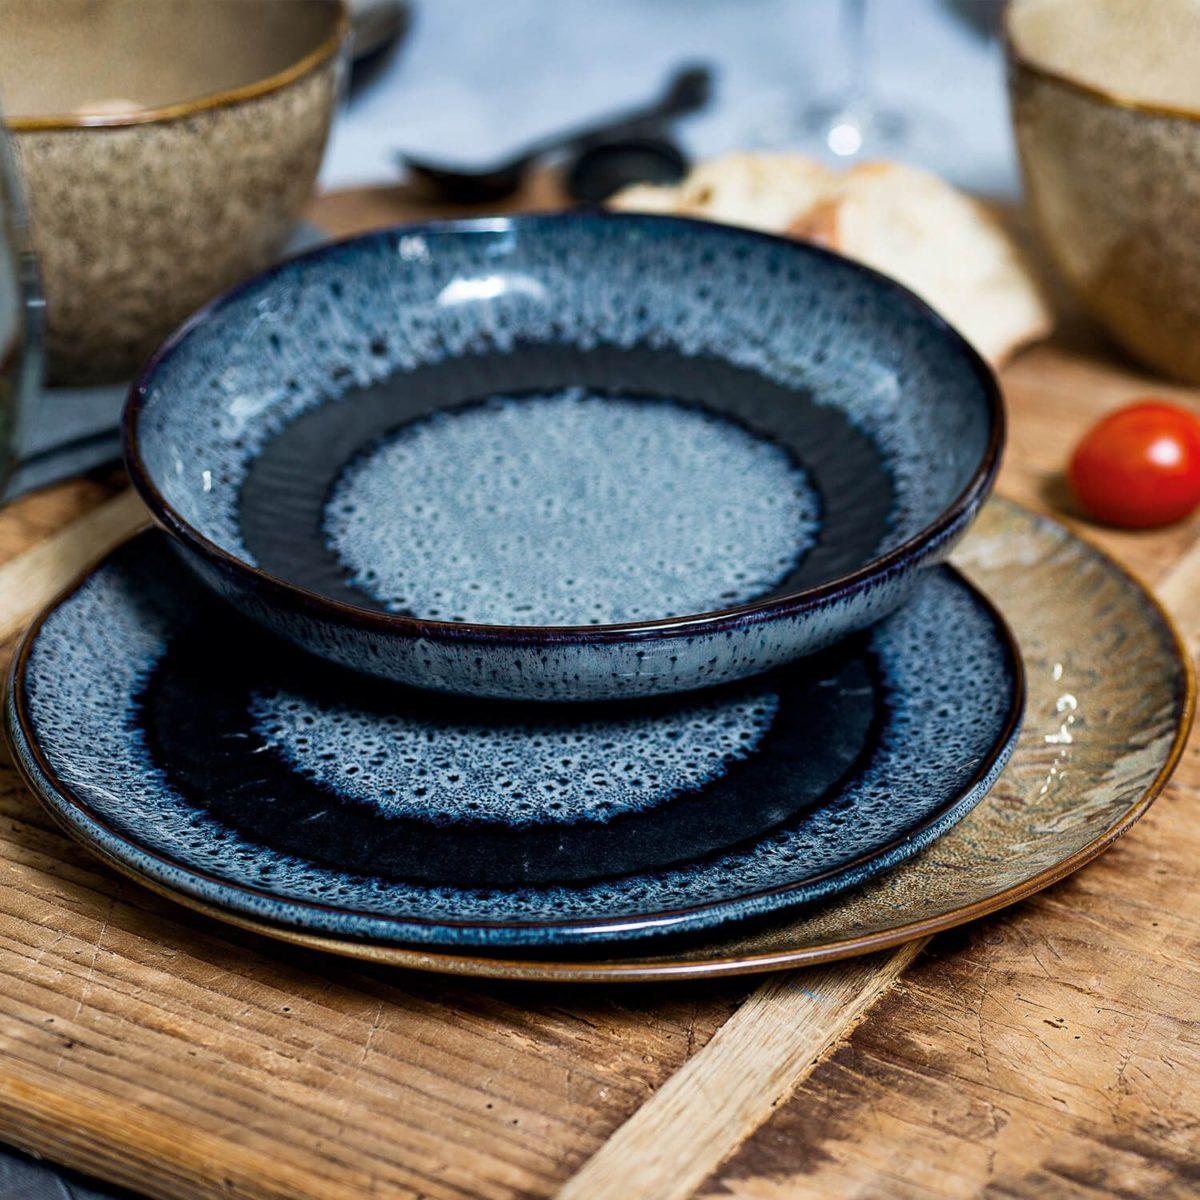 018537 2 k 1200x1200 - Farfurie ceramică Matera sand 27 cm (L018537)